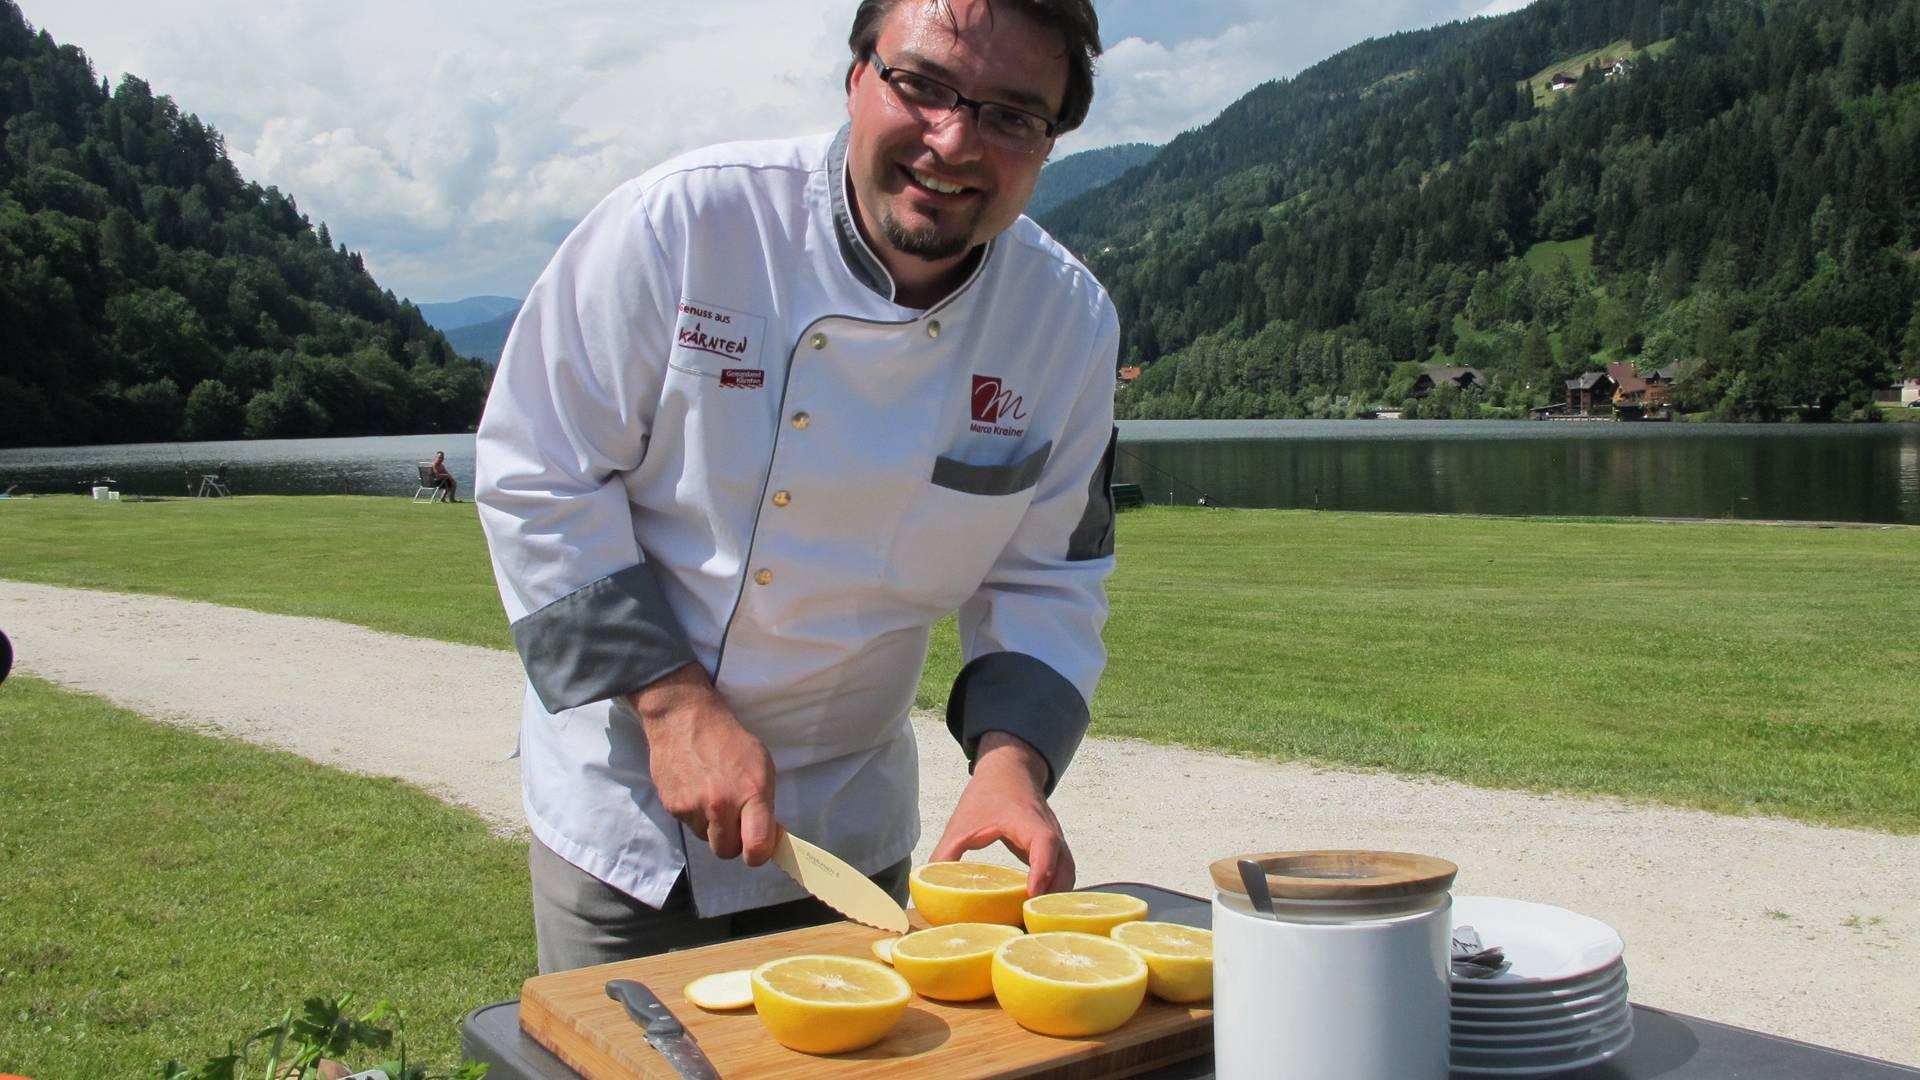 Grillen am Campingplatz mit Marco Krainer